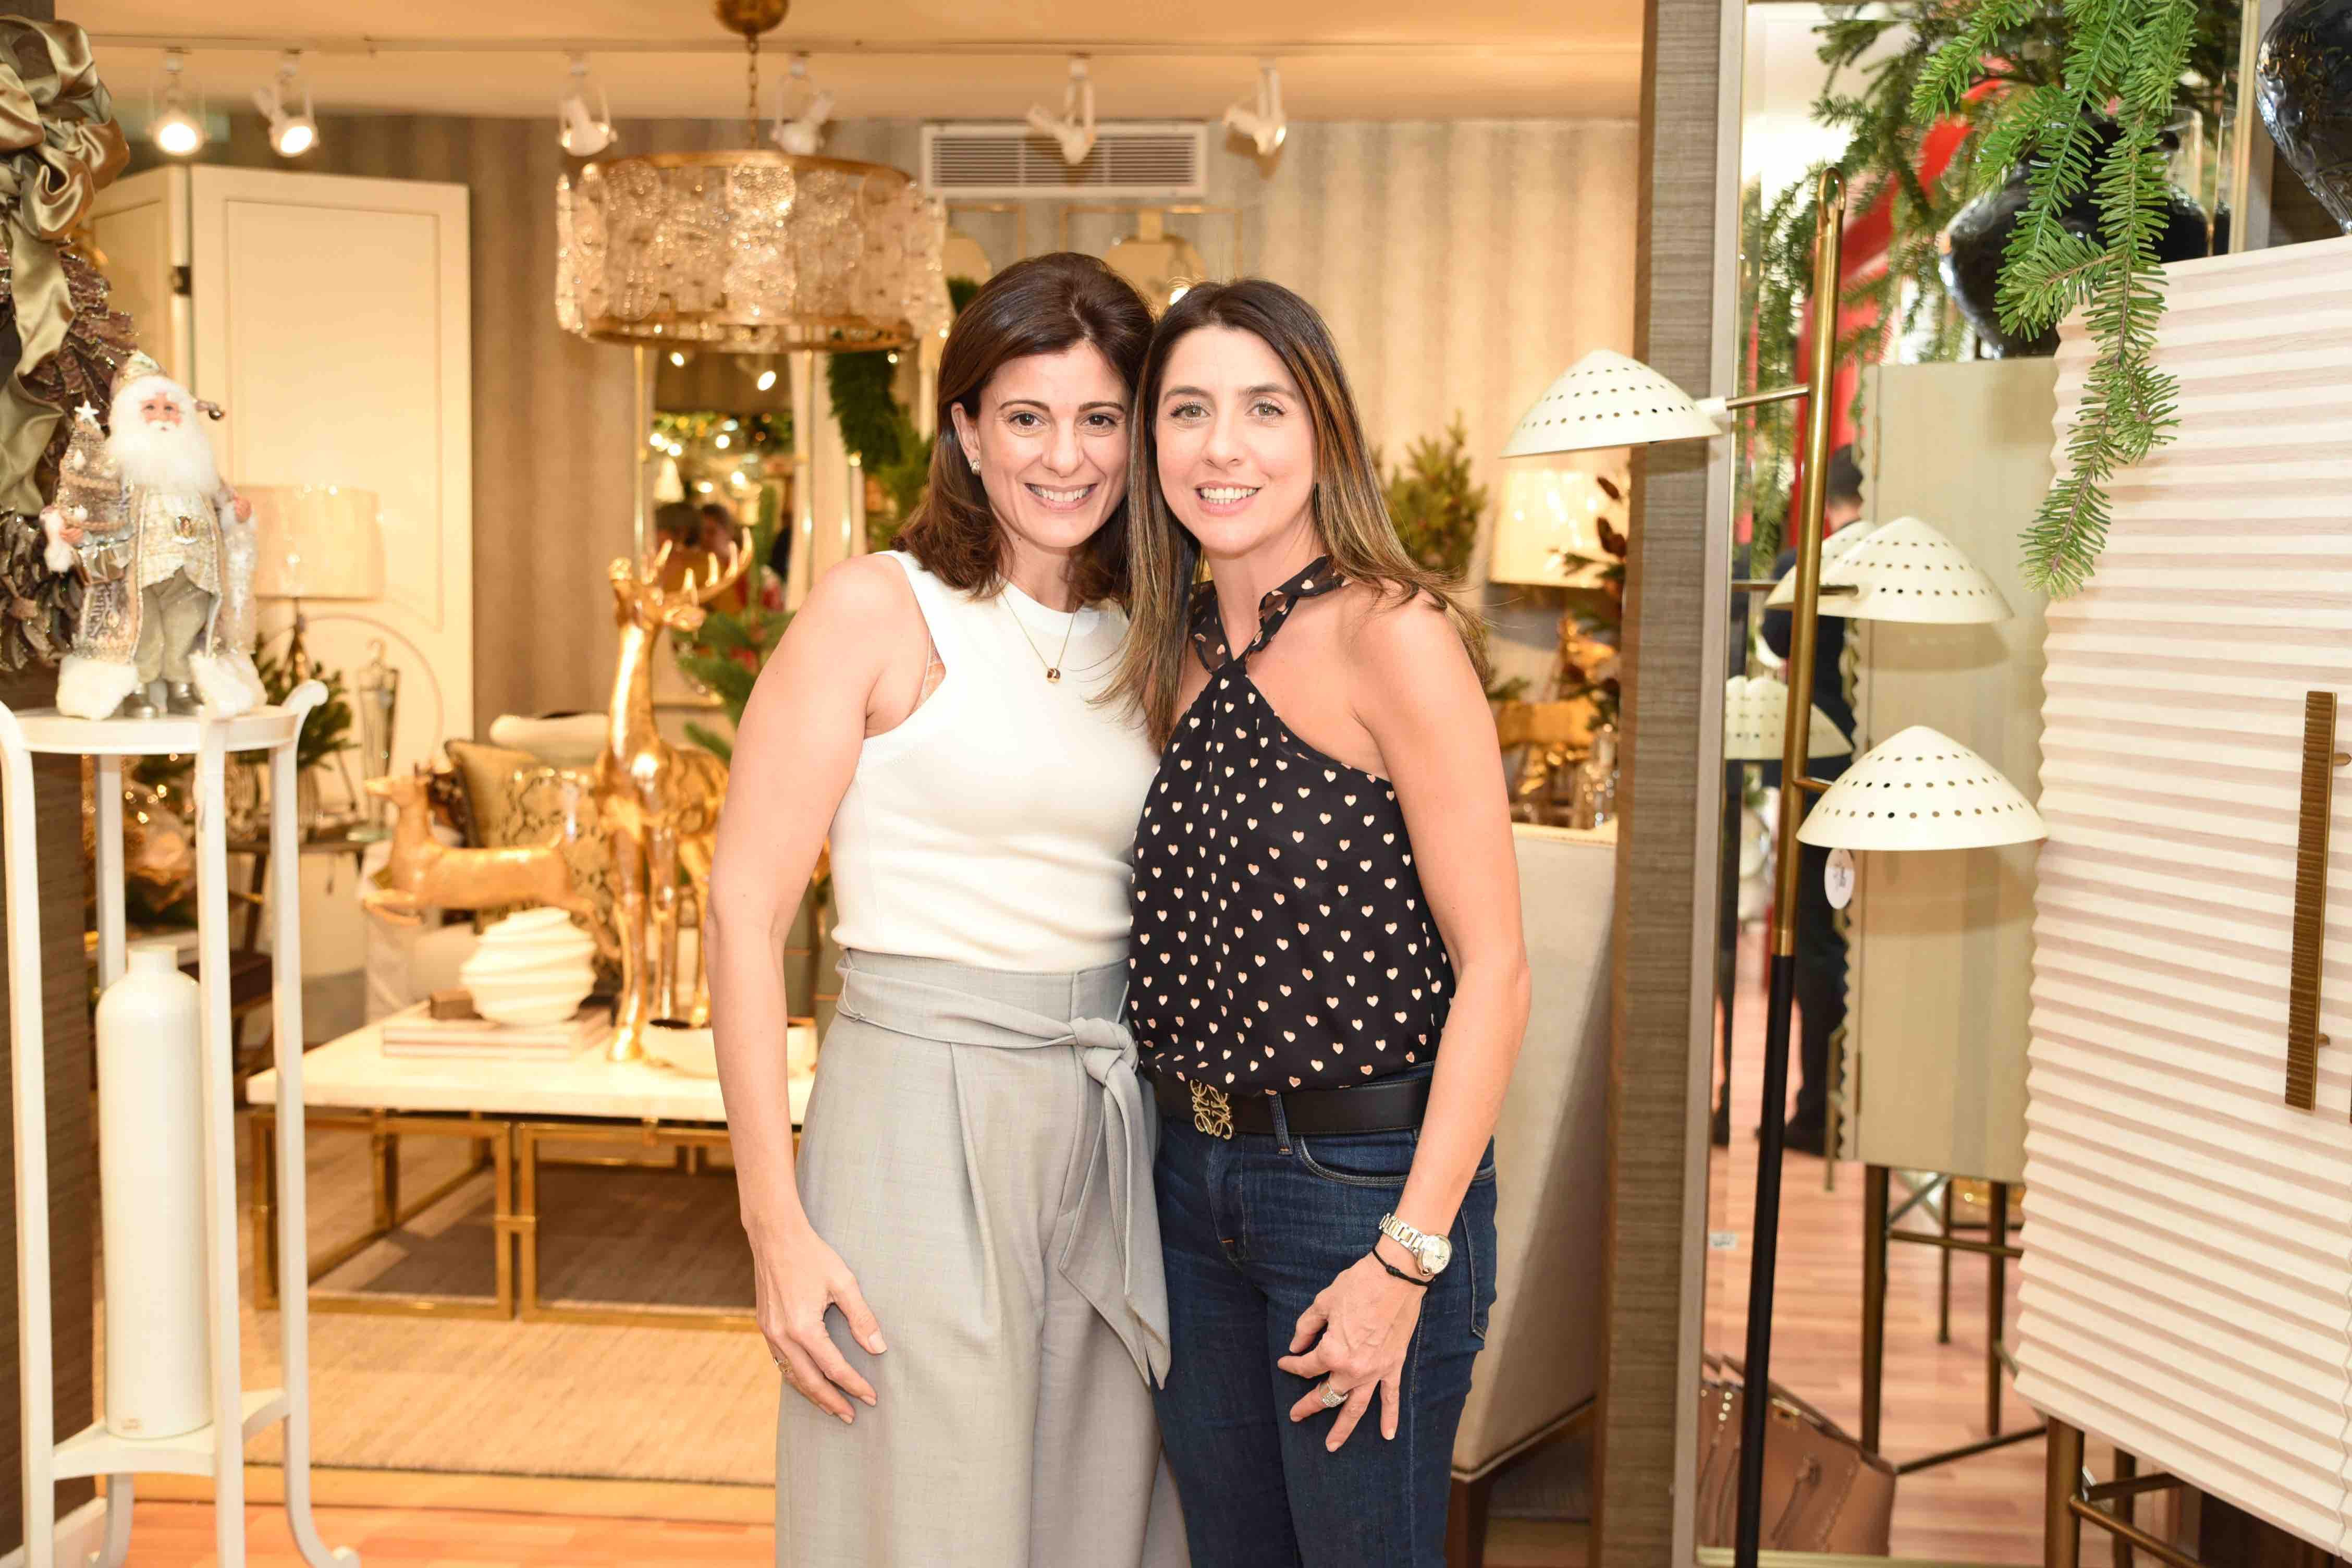 Cecilia Caraballo de Alvares & Aimee Arbaje de Espinal